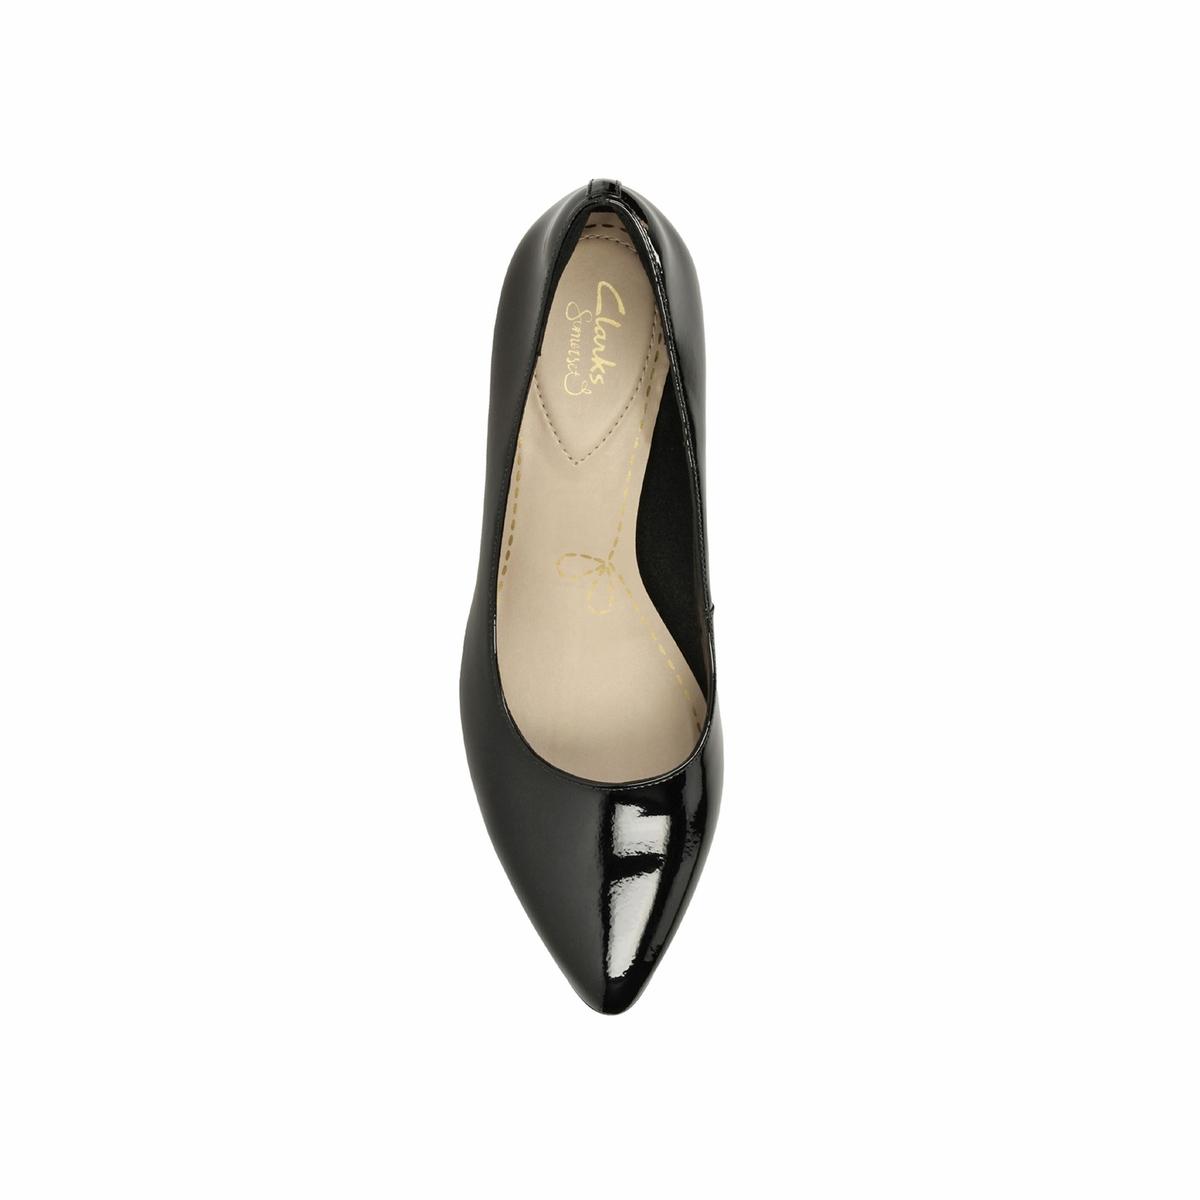 Туфли лакированные Isidora FayeВерх : Кожа.     Подкладка : текстиль     Стелька : синтетика     Подошва : Каучук     Высота каблука : 6,5 см     Форма каблука : тонкий каблук     Мысок : закругленный     Застежка : Без застежки<br><br>Цвет: Черный лак